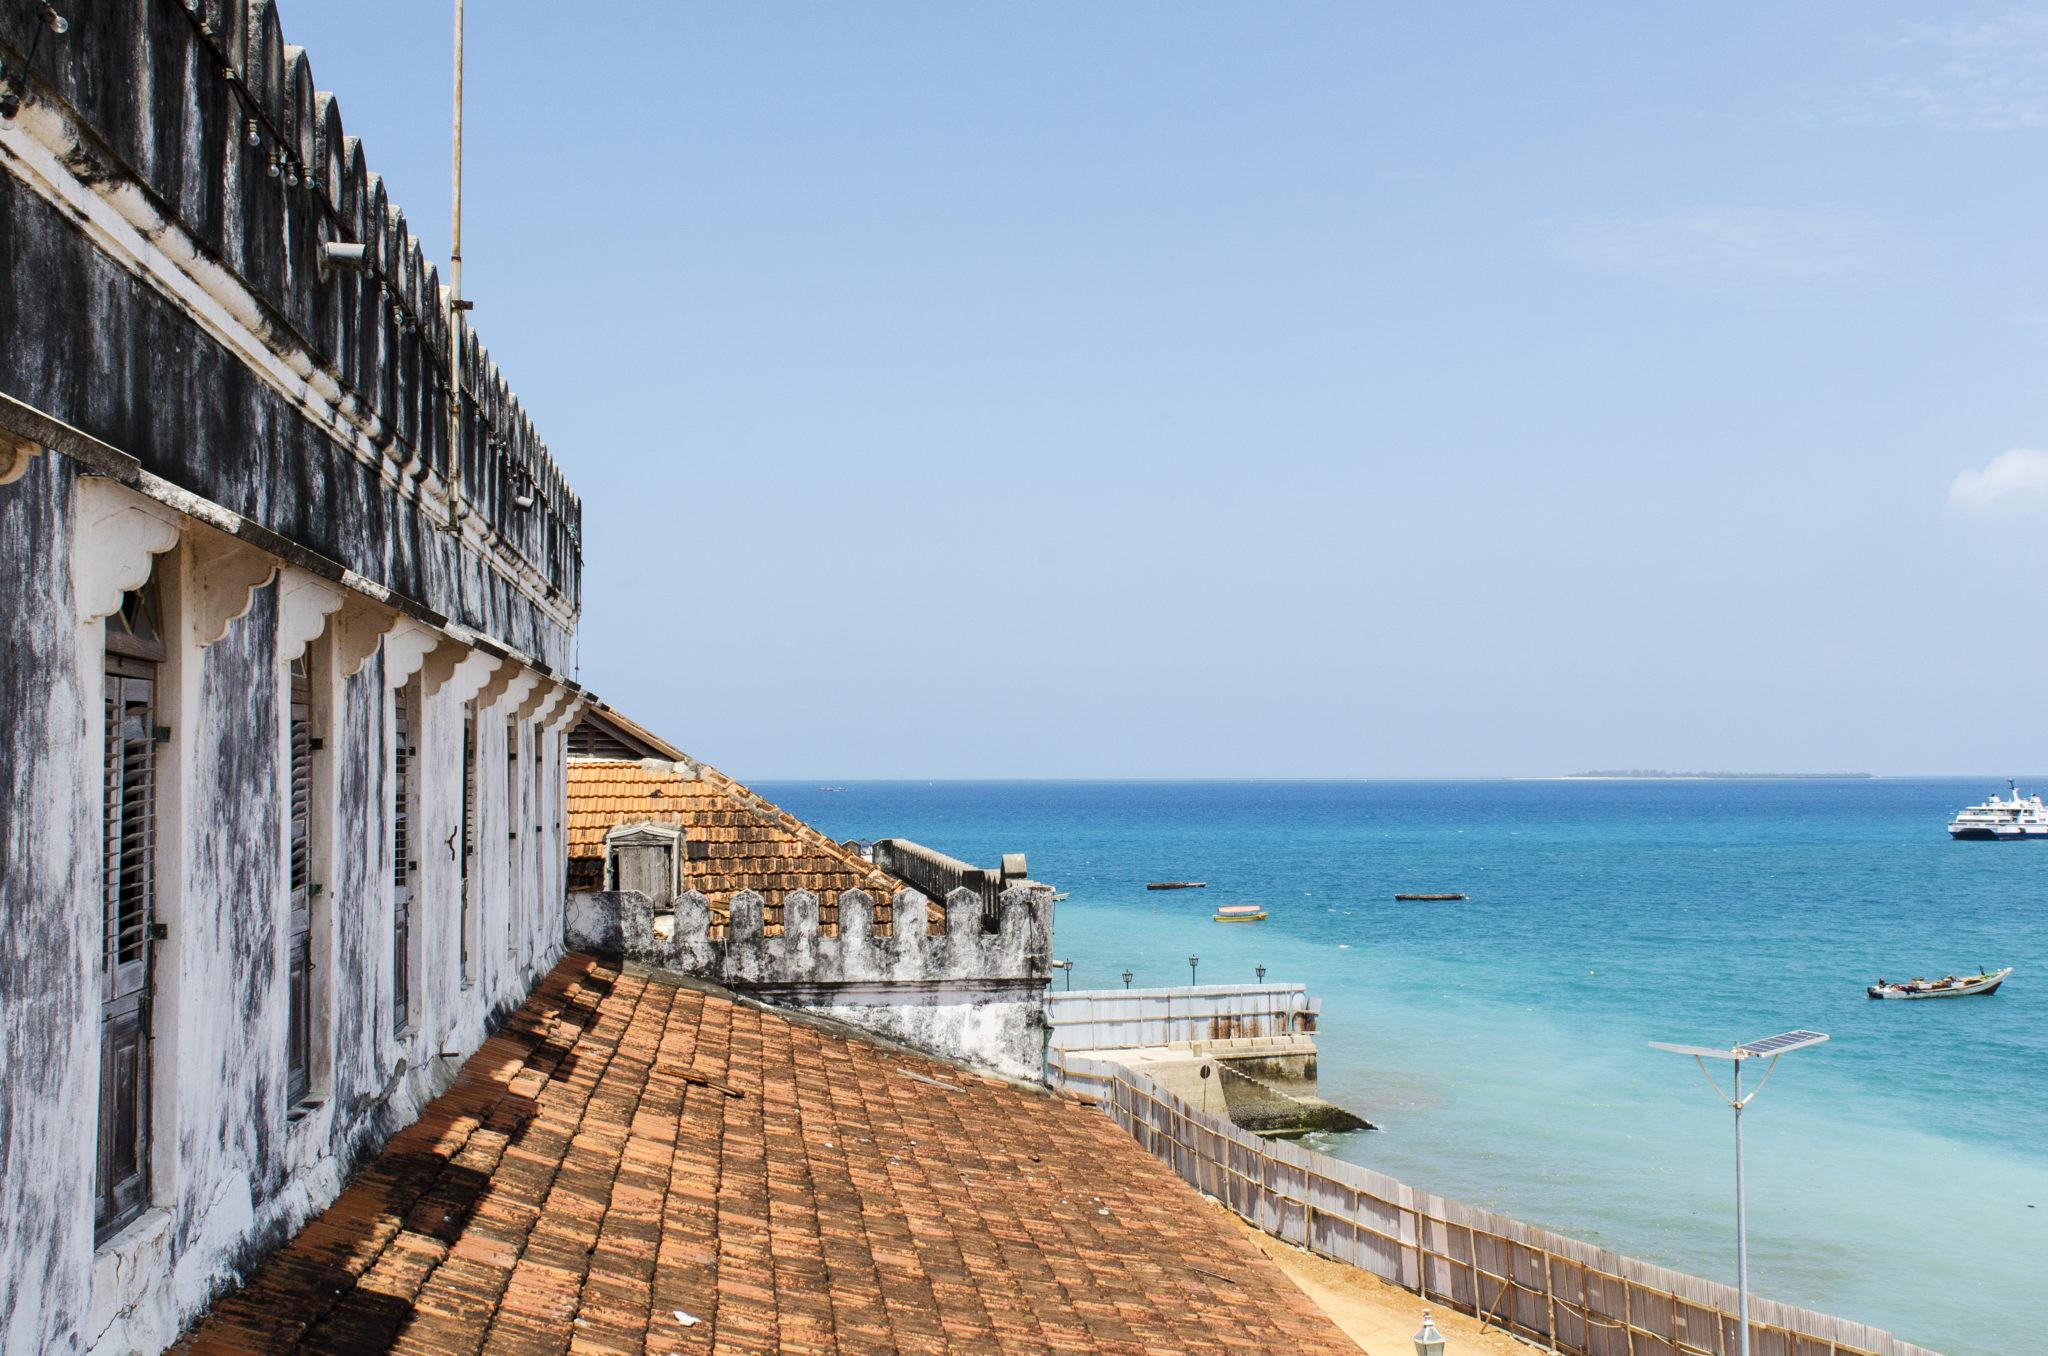 Der Palast am Meer in Stone Town auf Sansibar